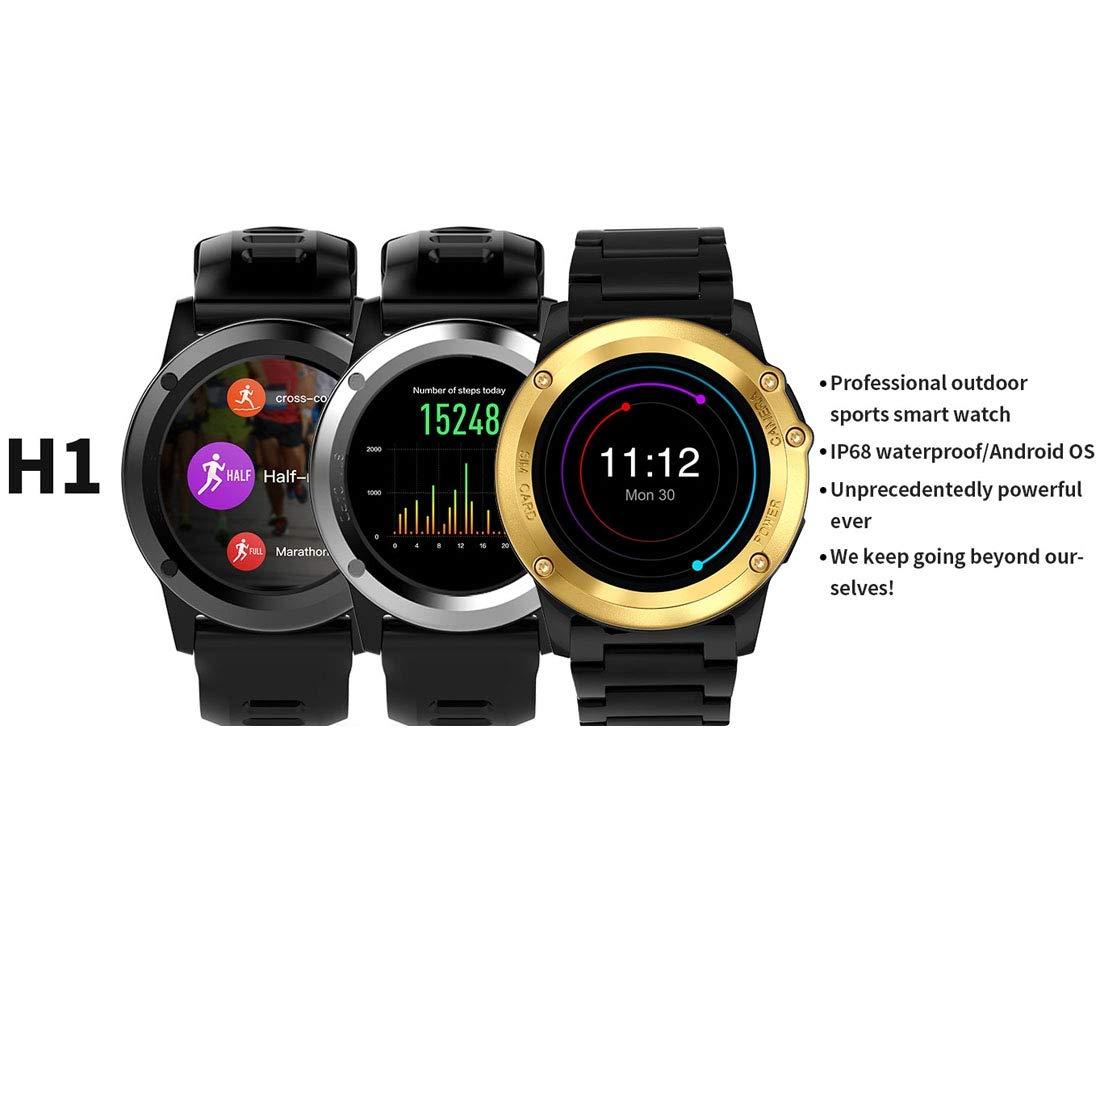 TONW Smart Watch Waterproof H1 1.39 Pulgadas 400 * 400 OLED ...